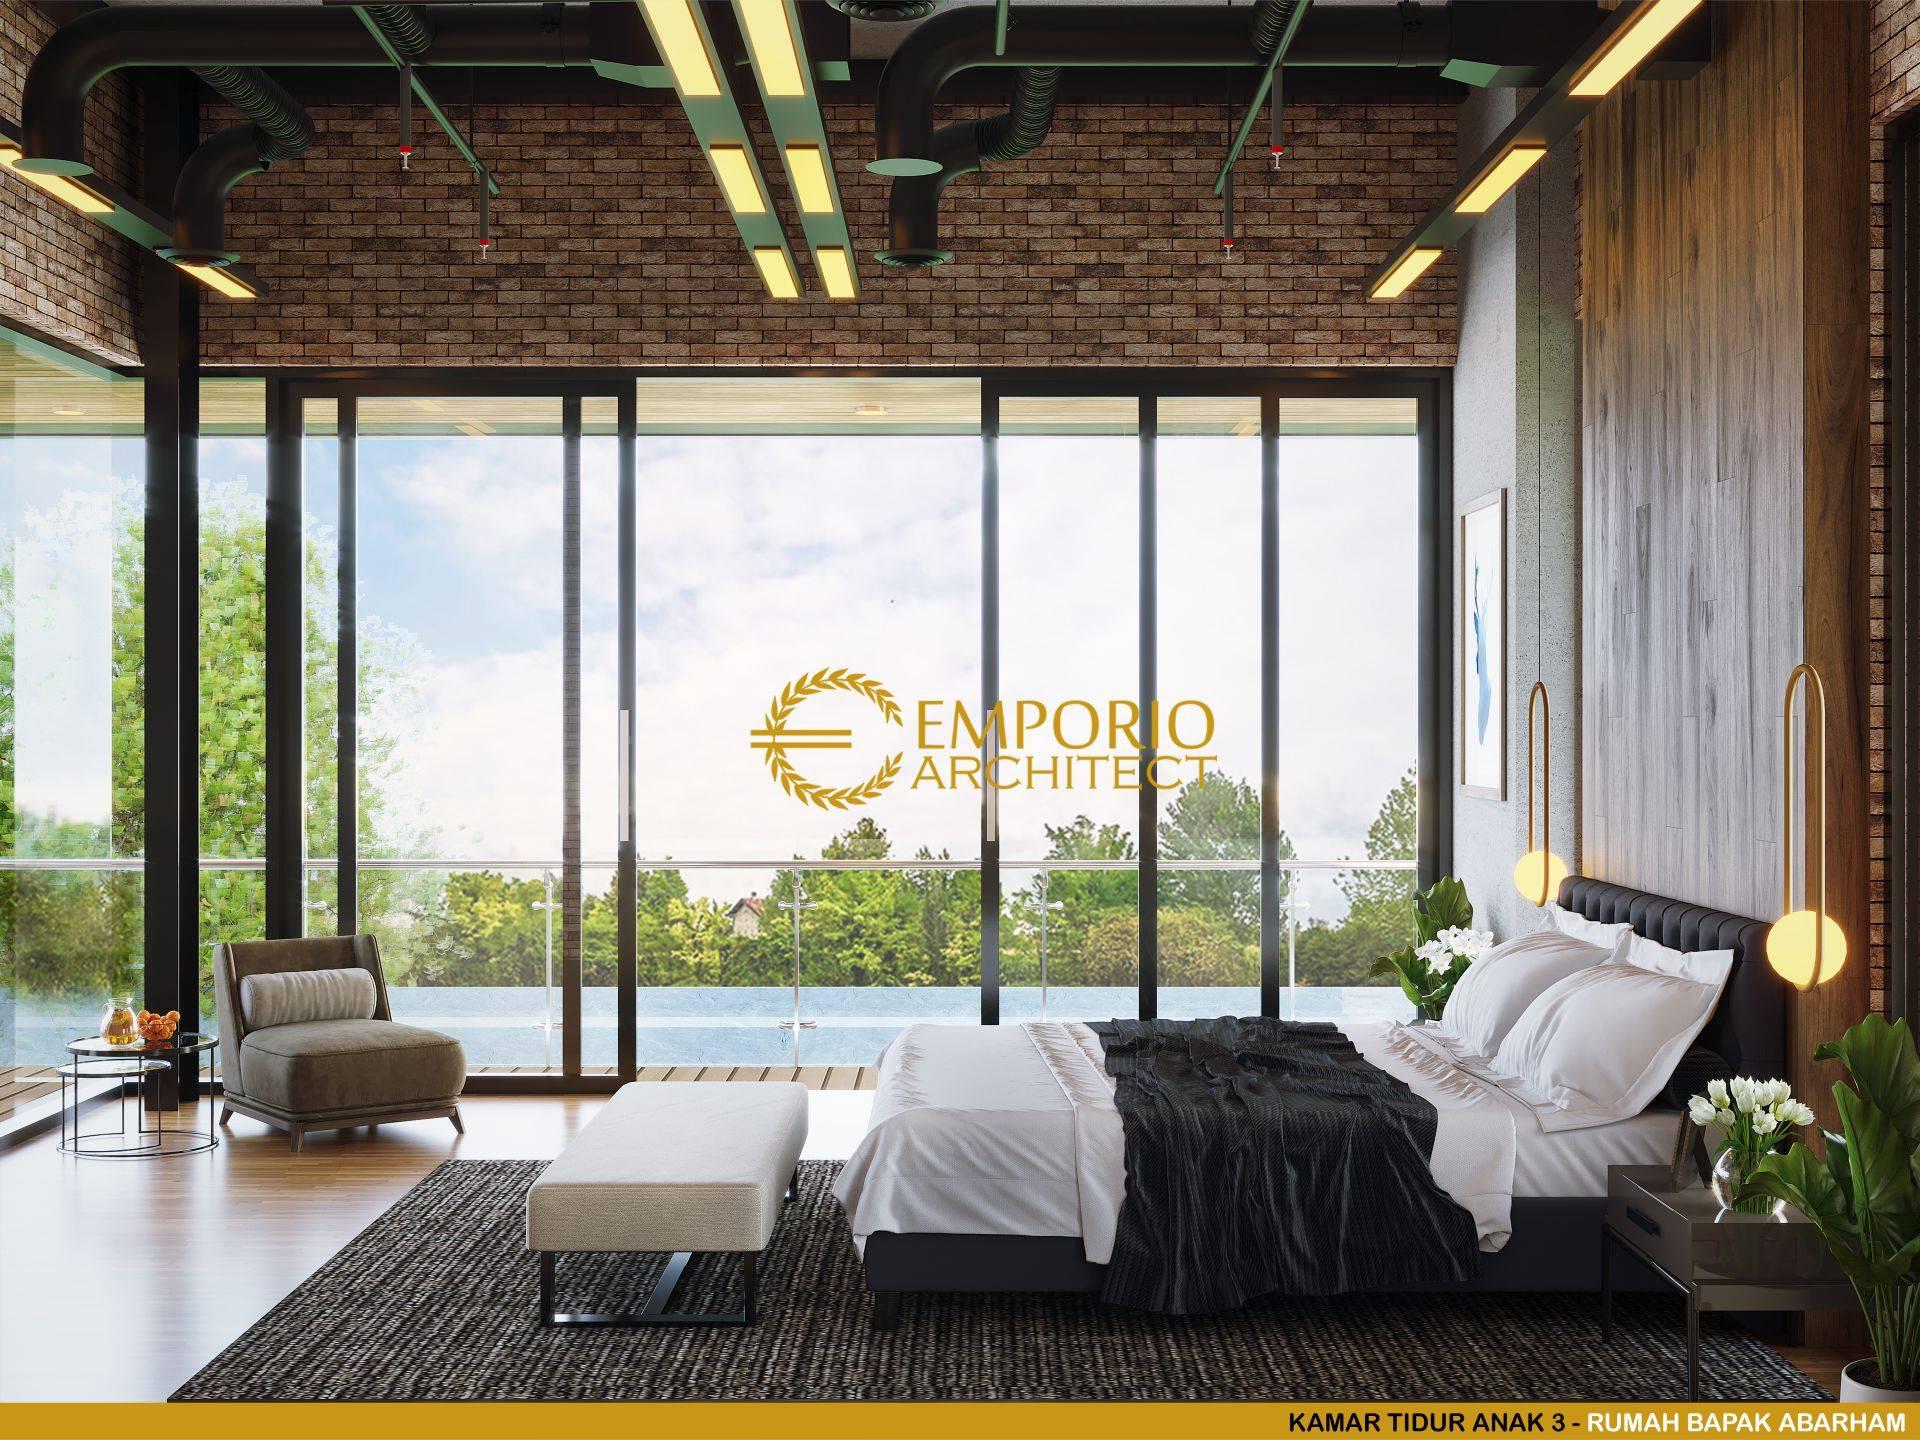 10 Variasi Warna Untuk Tampilan Akhir Dinding Bata Ekspos Pada Interior Rumah Part 1